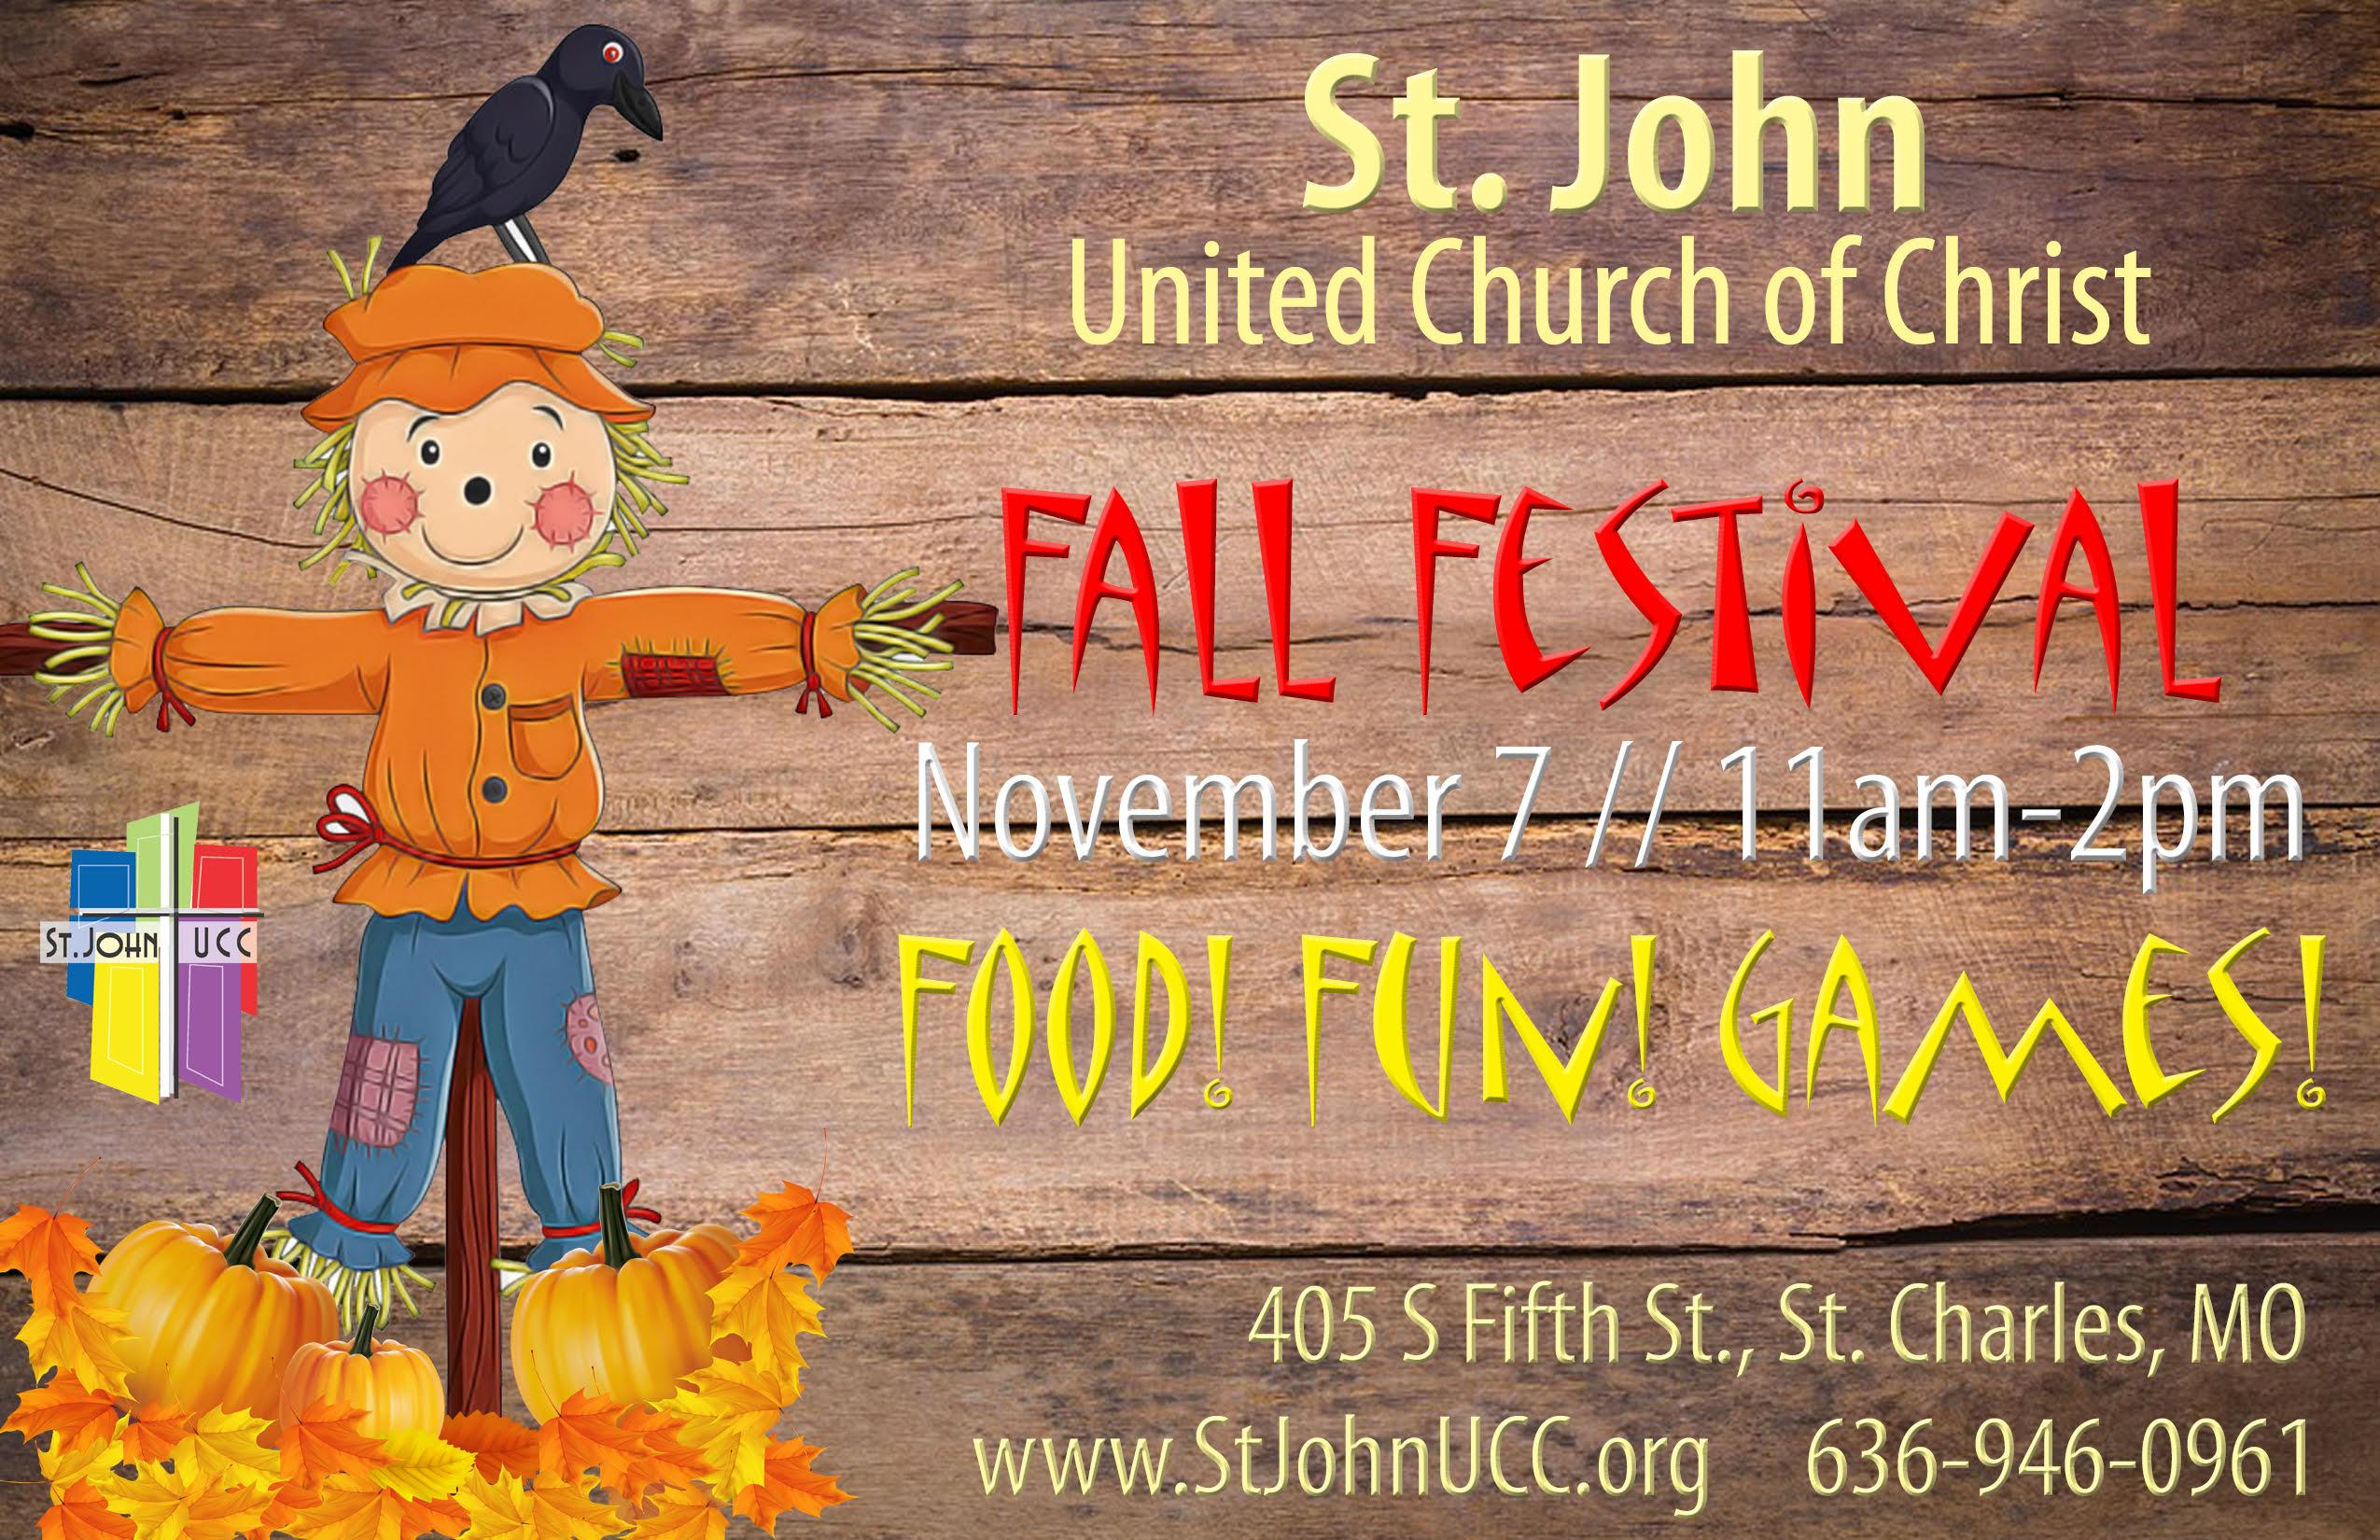 St. John United Church of Christ Fall Festival